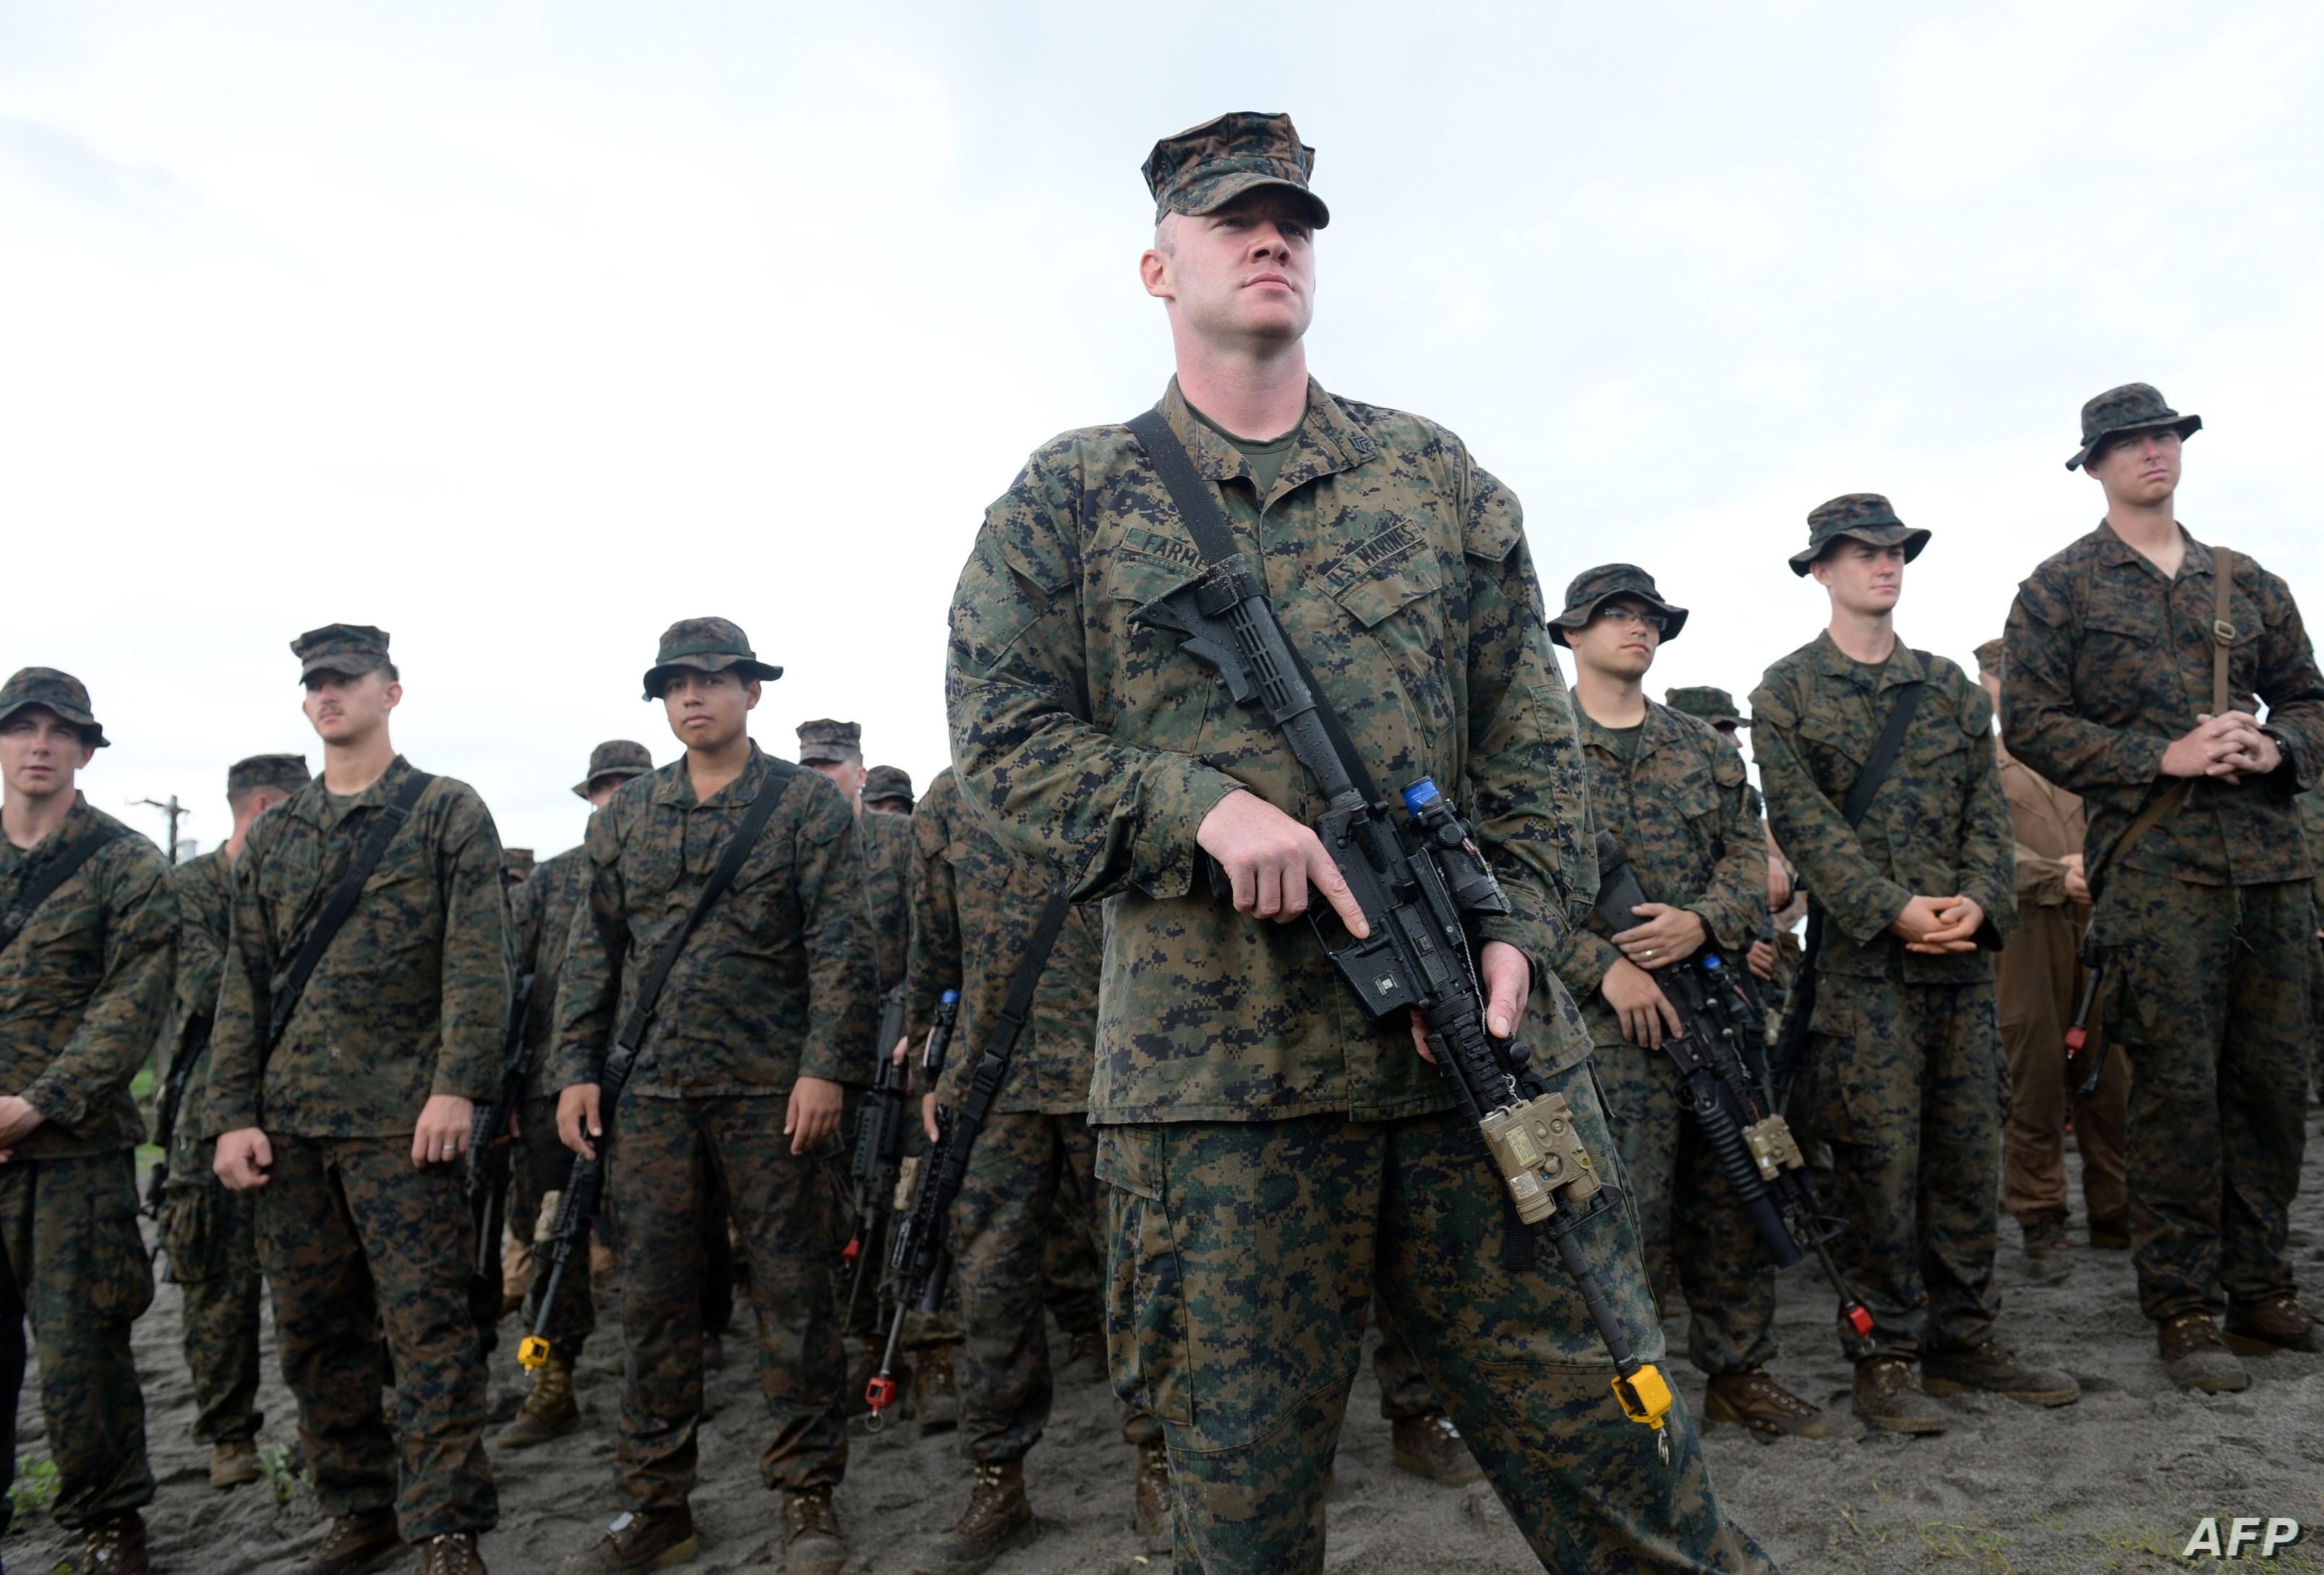 قائد رفيع في سلاح الجو الأميركي: الجيش قد يُطلب منه توفير الحماية للقواعد الجوية